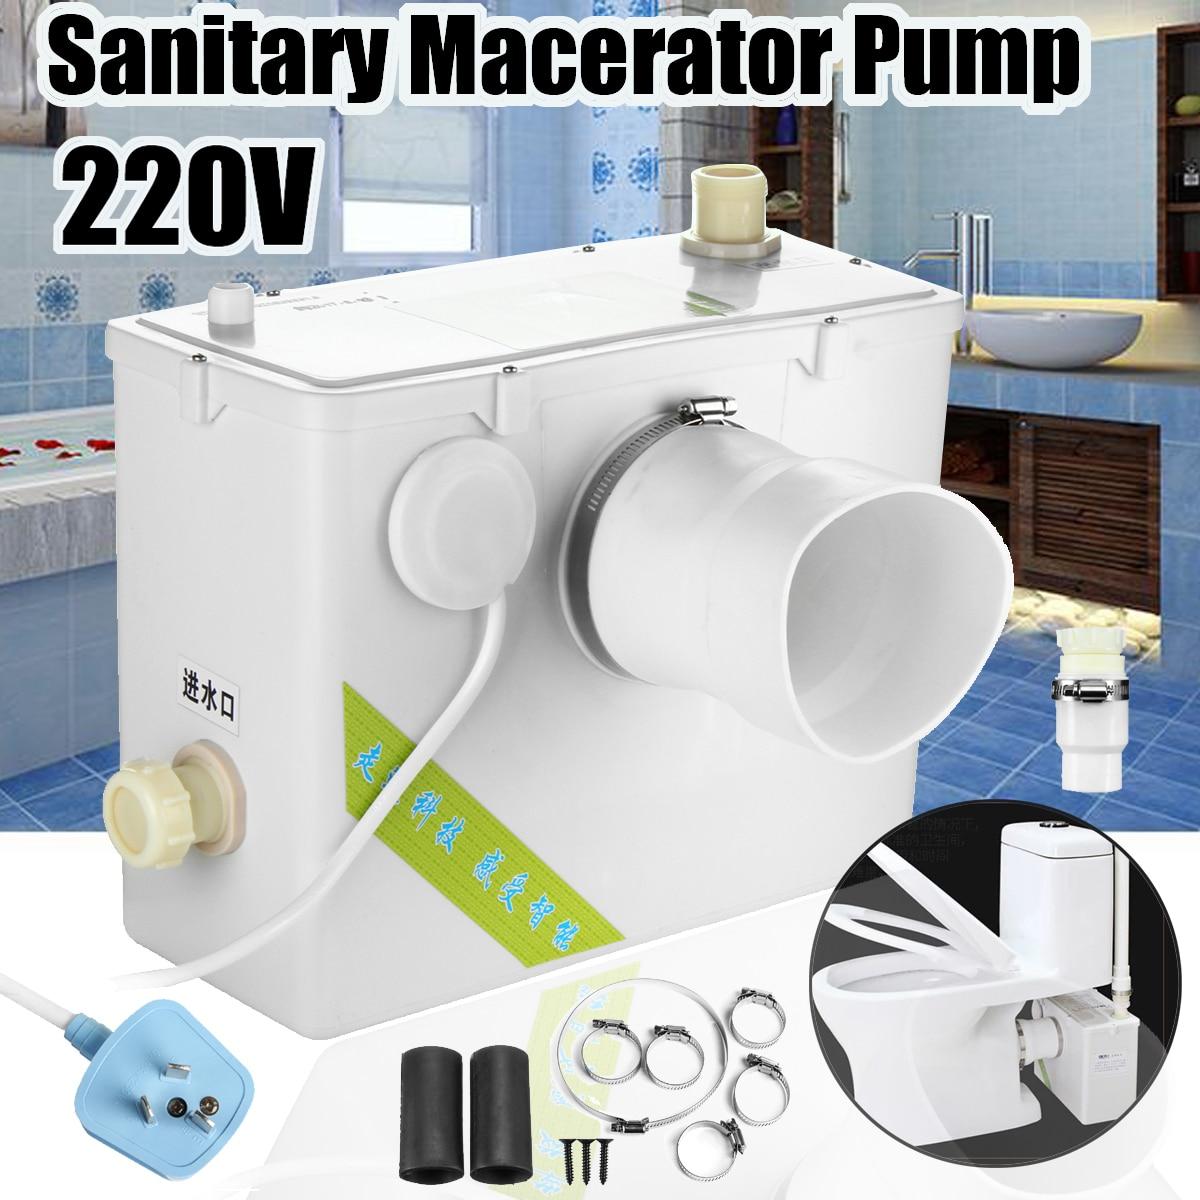 2 Estilo 400 W Macerator Bomba Automática Eliminação Sanitária Banho de Esmagamento de Resíduos de Água Pia Banheiro